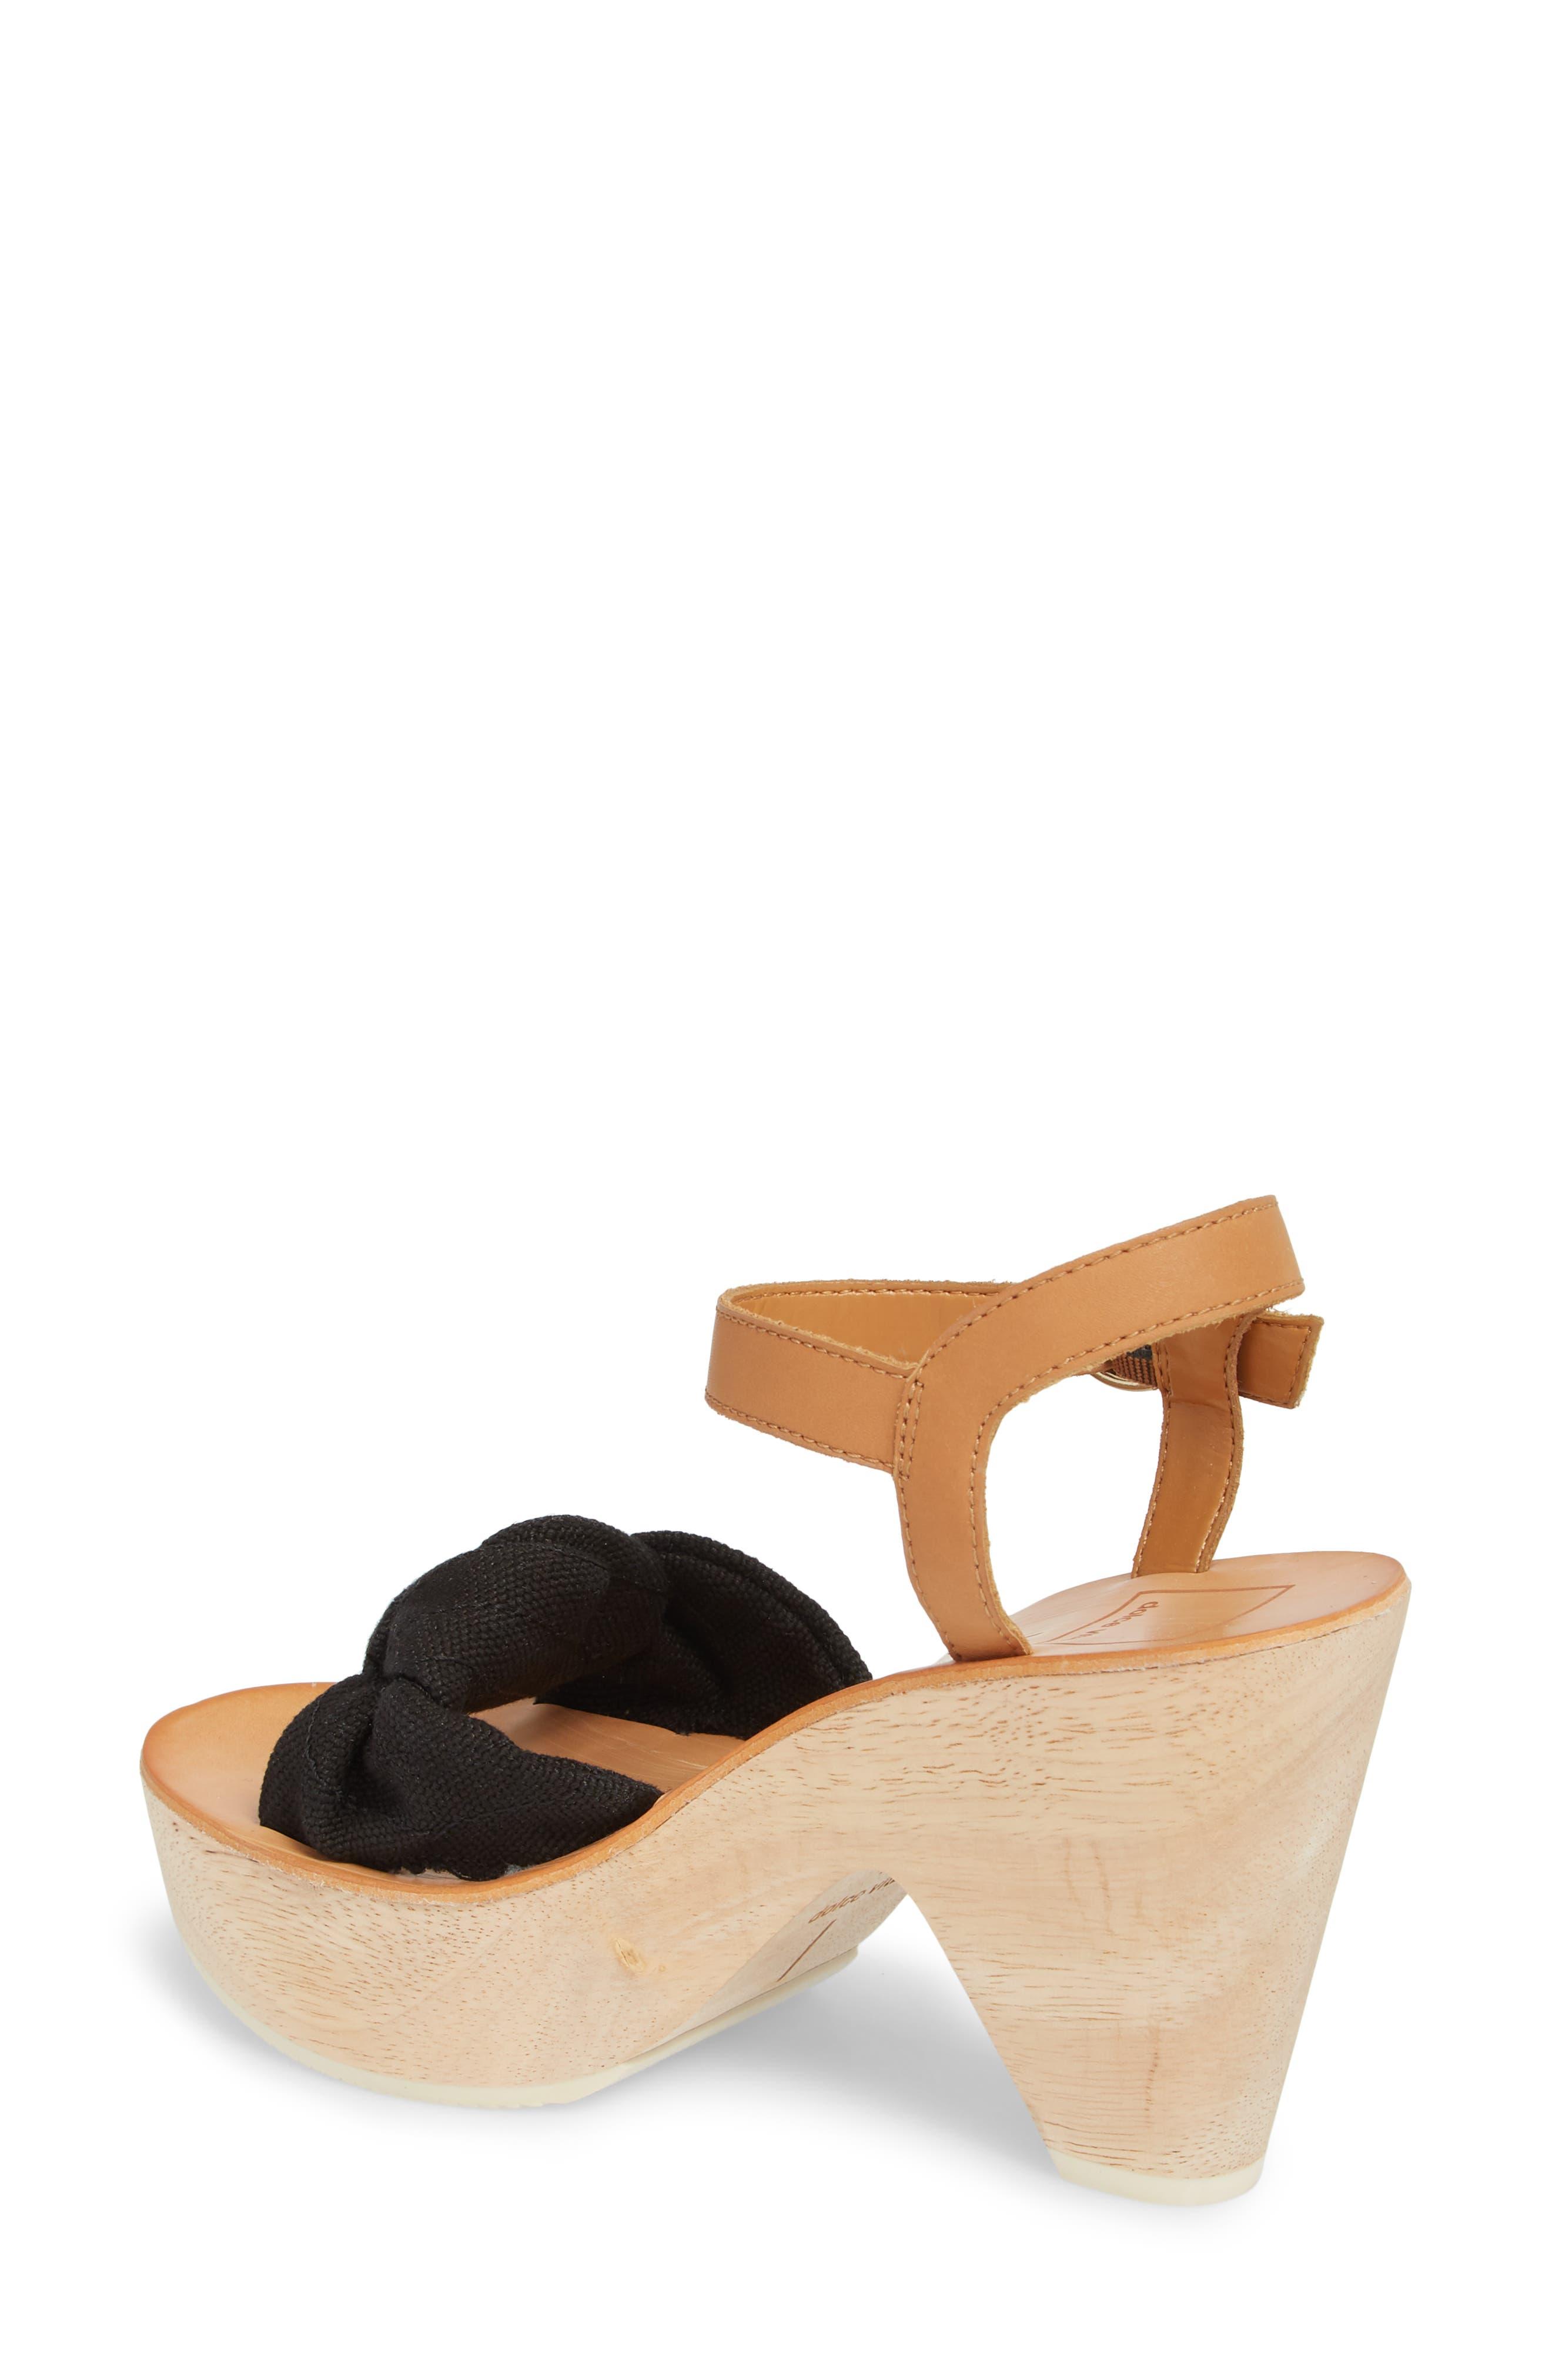 Shia Knotted Platform Sandal,                             Alternate thumbnail 2, color,                             001